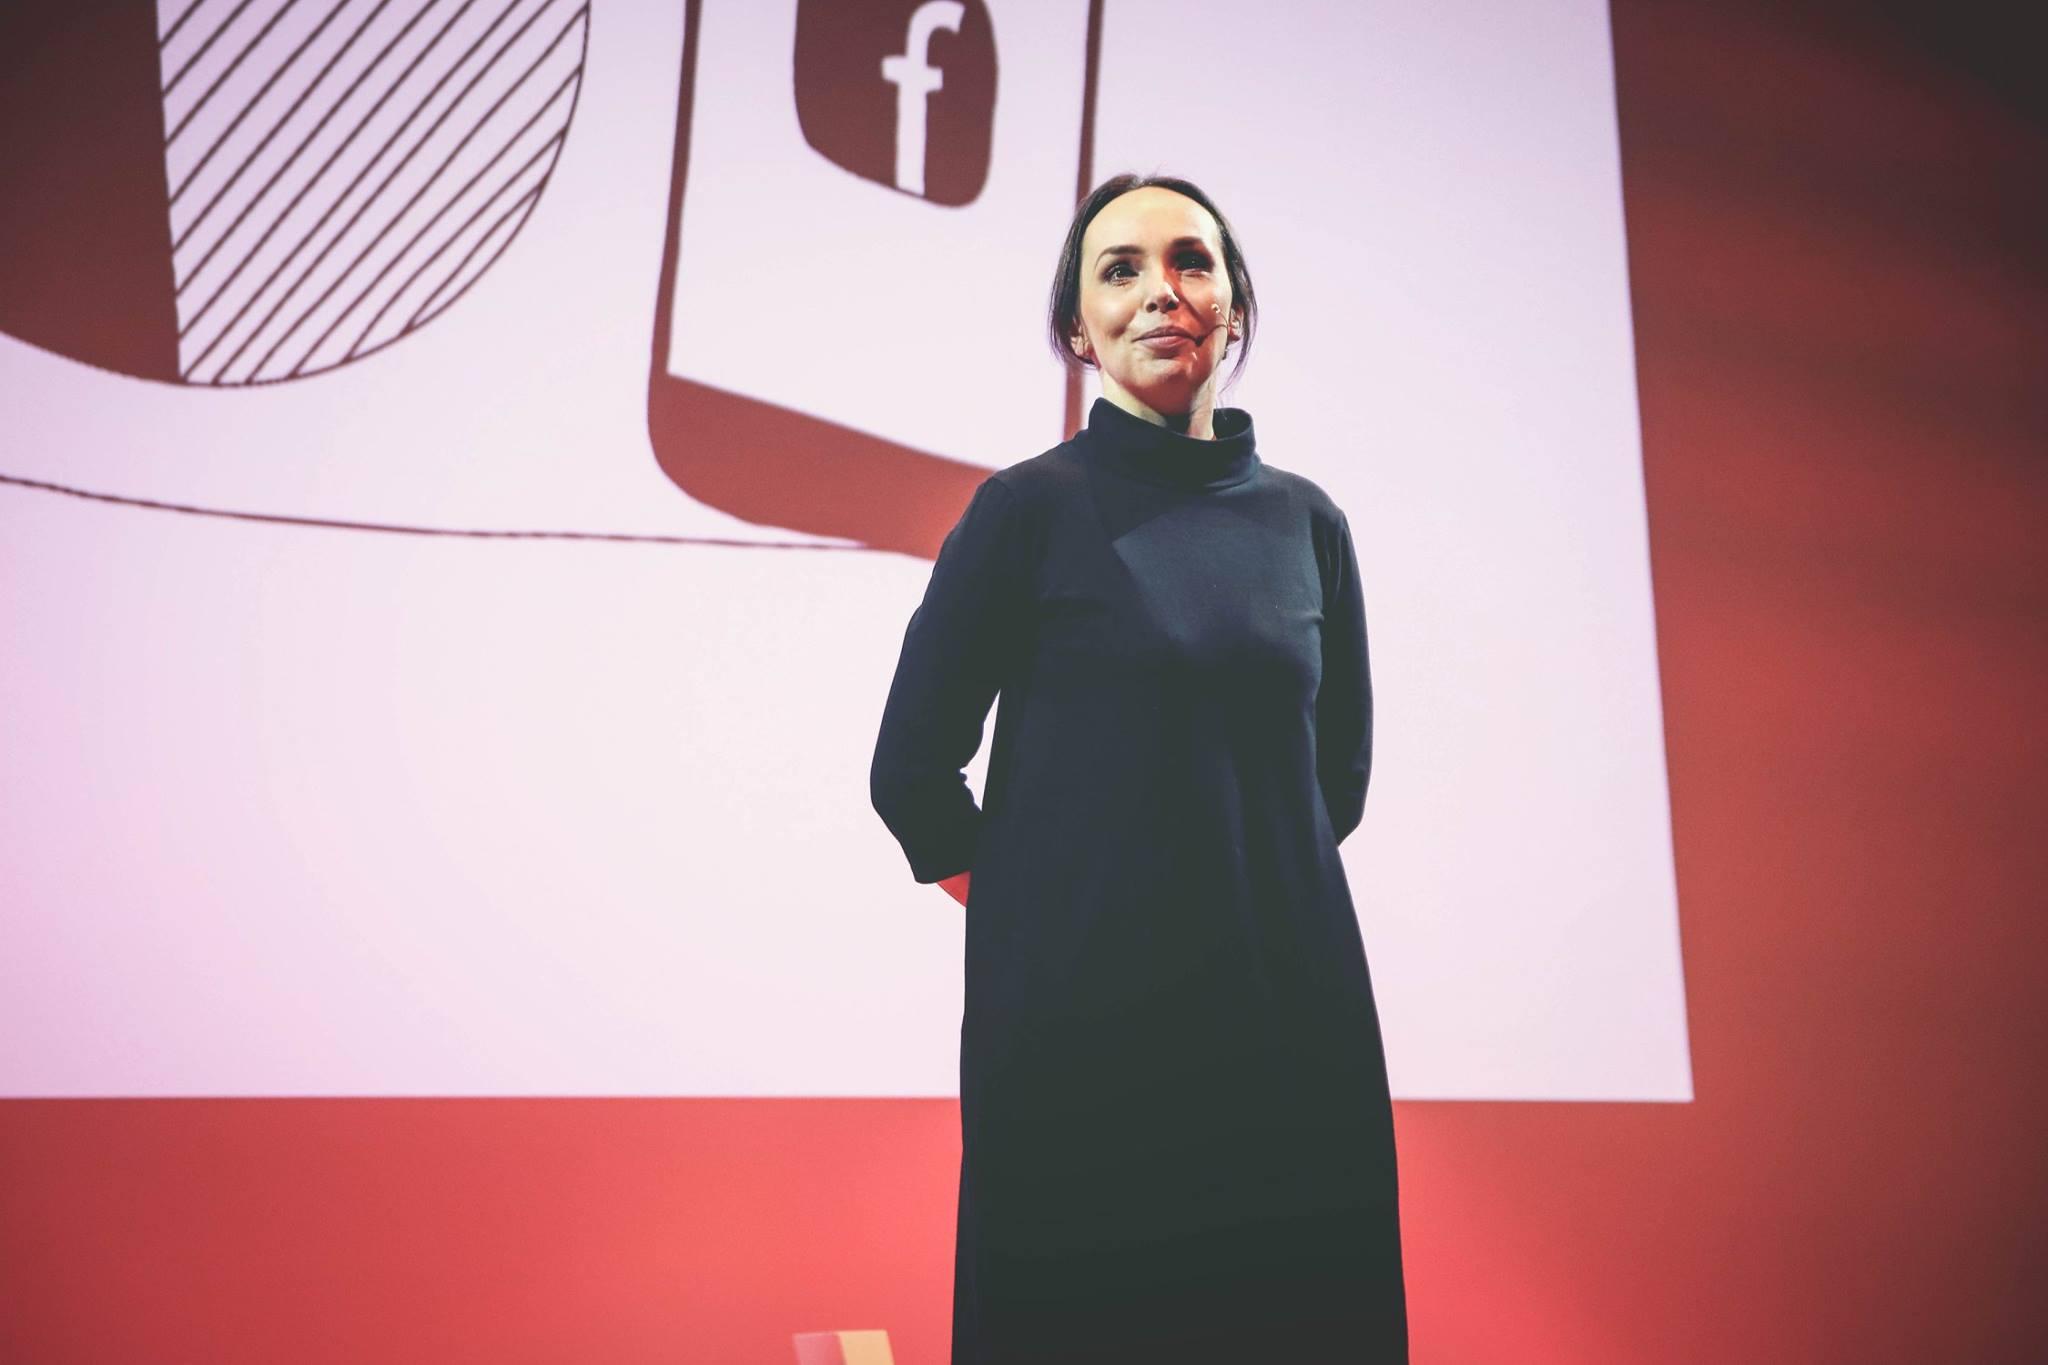 Jak na sítě - rozhovor s Michelle Losekoot o psaní na jednotlivé sociální sítě